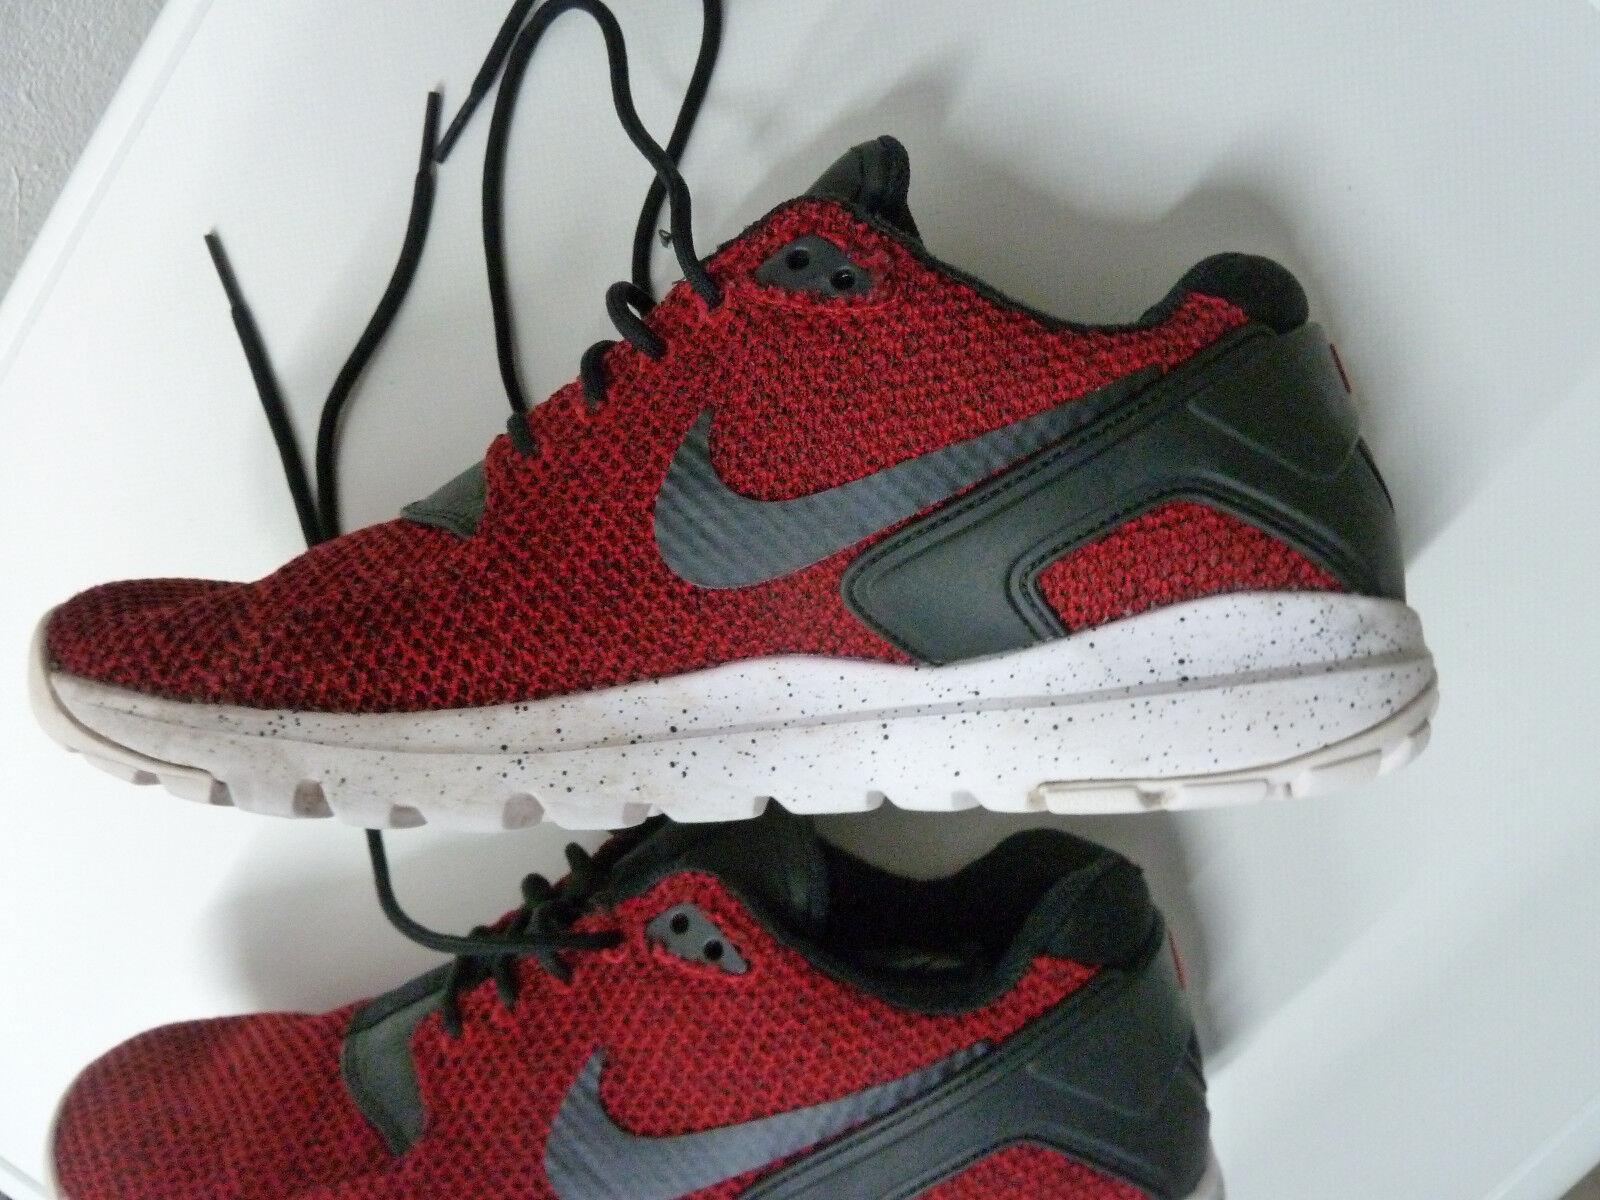 Nike Precision II Indoorschuhe Herren schwarzanthrazit 47